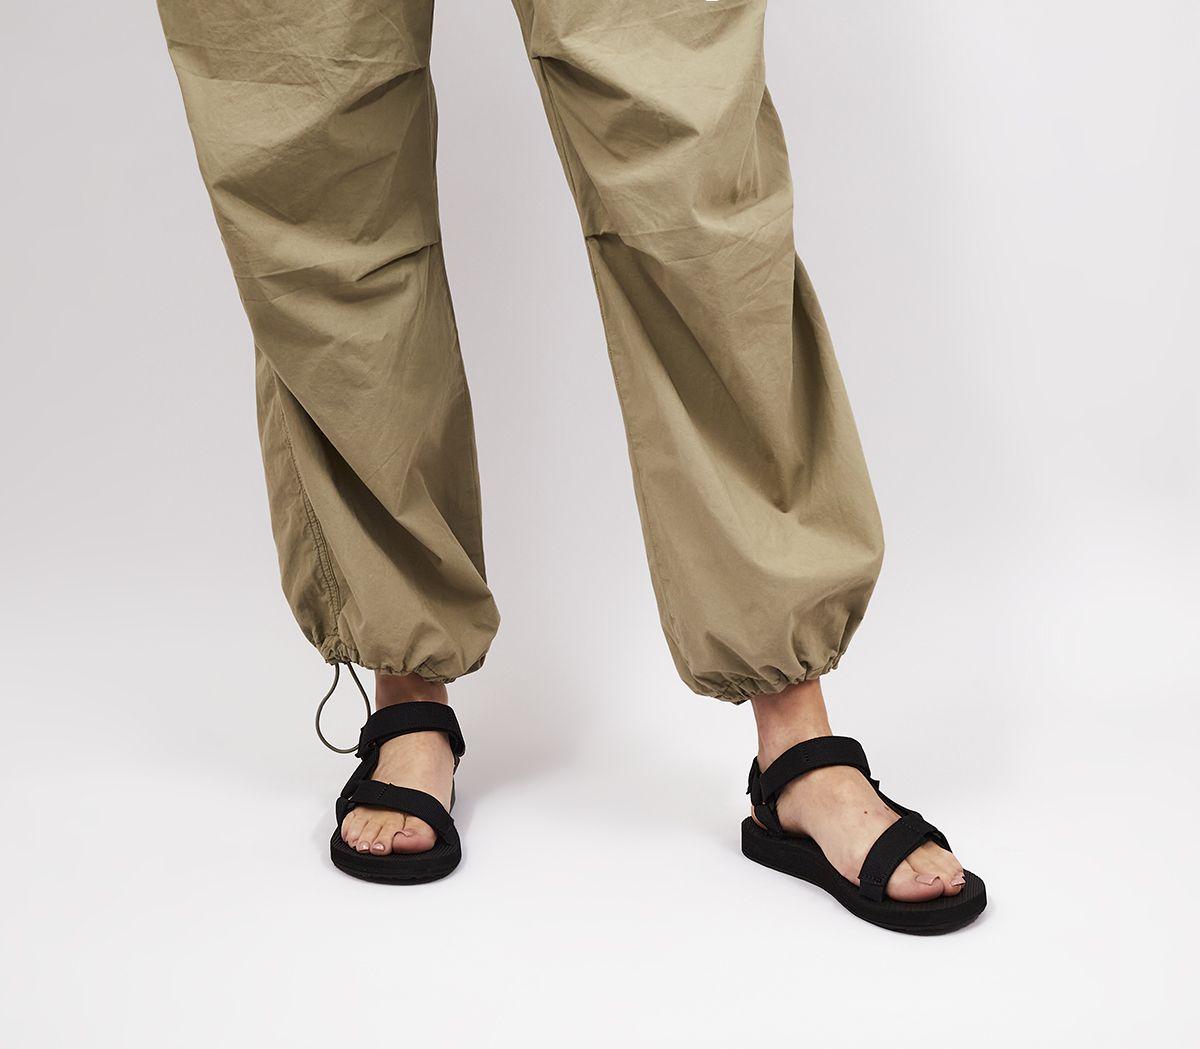 31b0ddc87c91 Teva Original Universal Sandals Black - Sandals